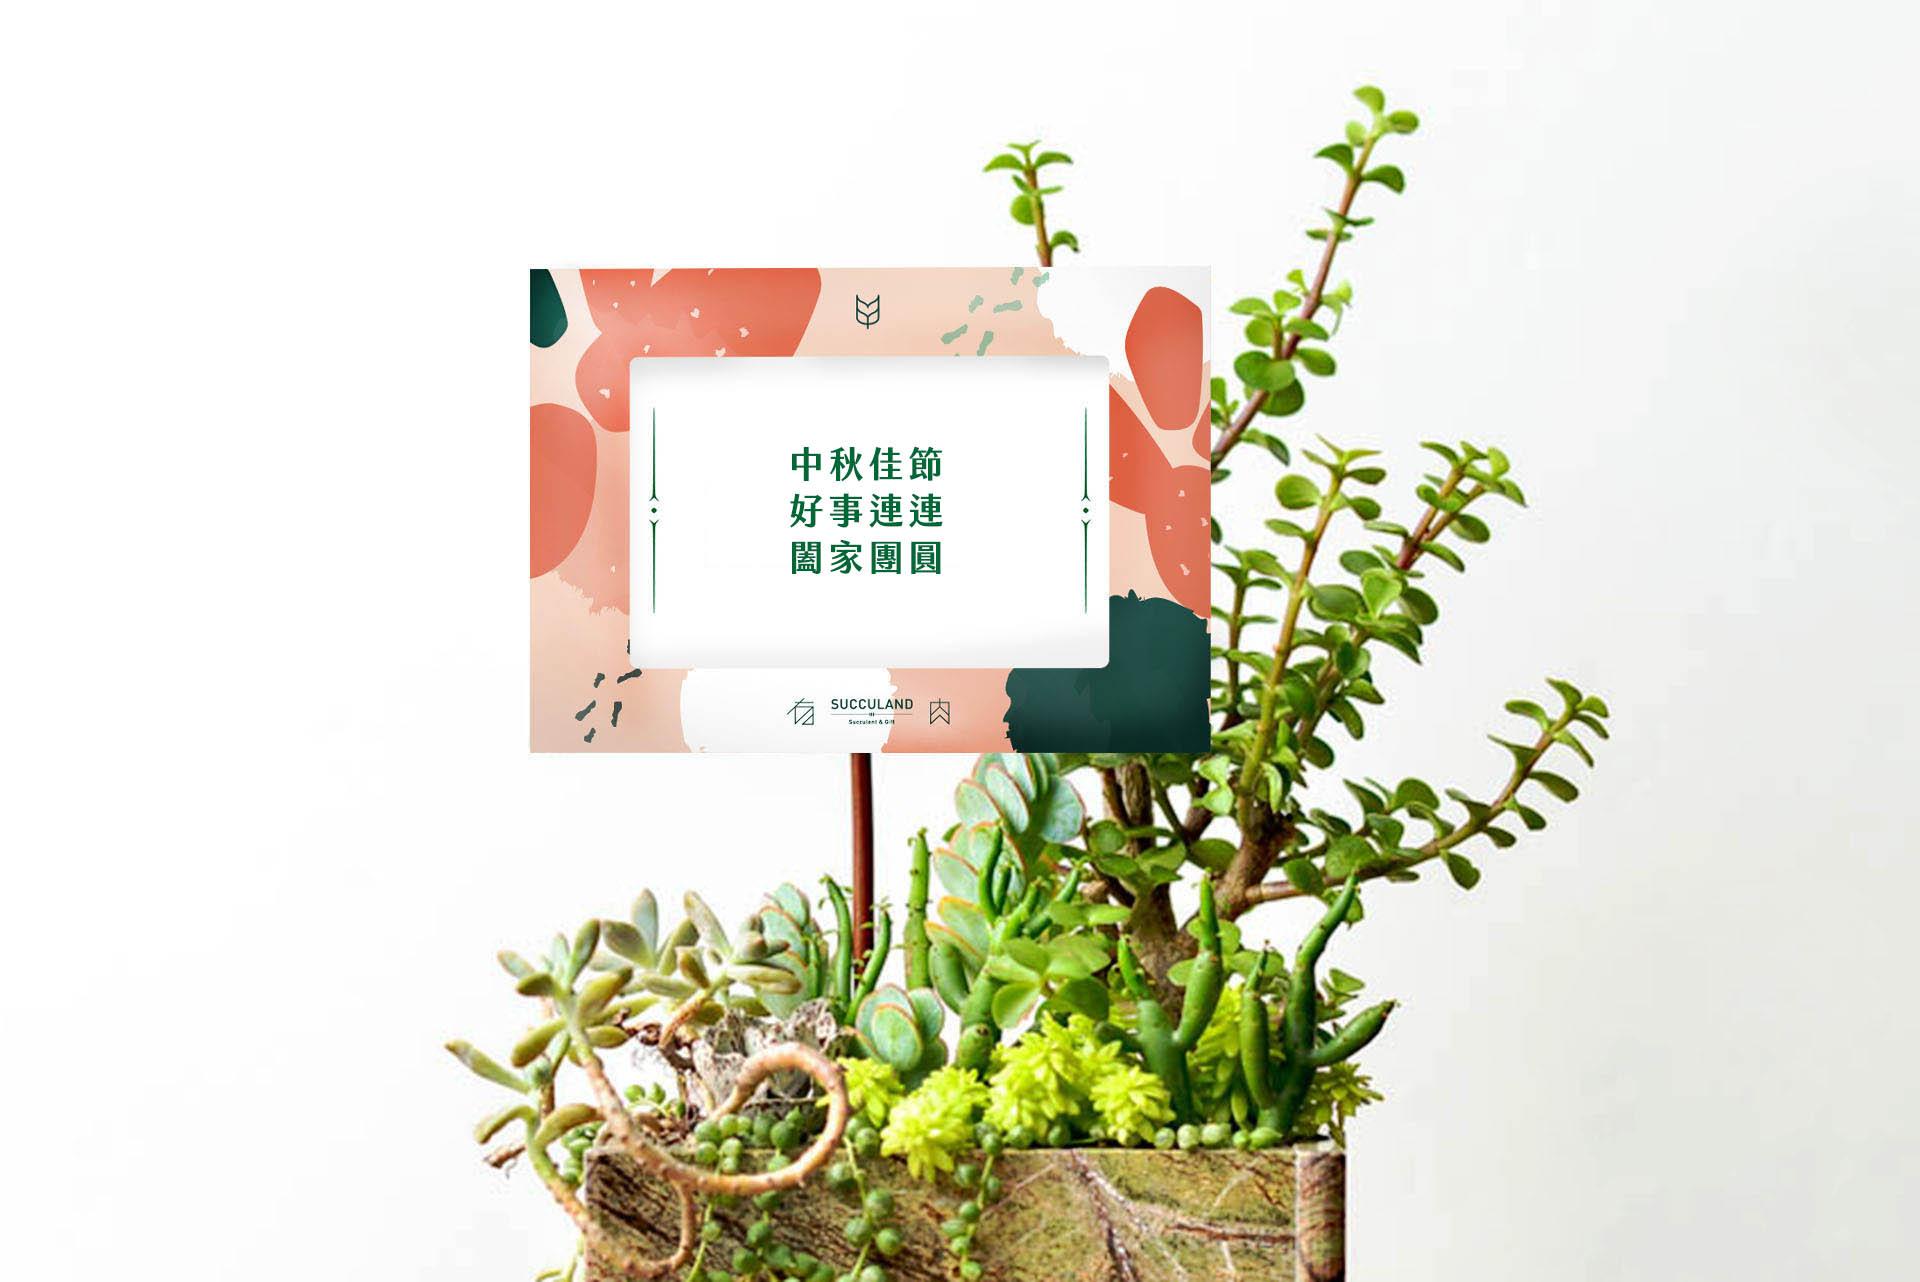 2021 中秋節快樂!10組給親朋好友的祝福賀詞與短語